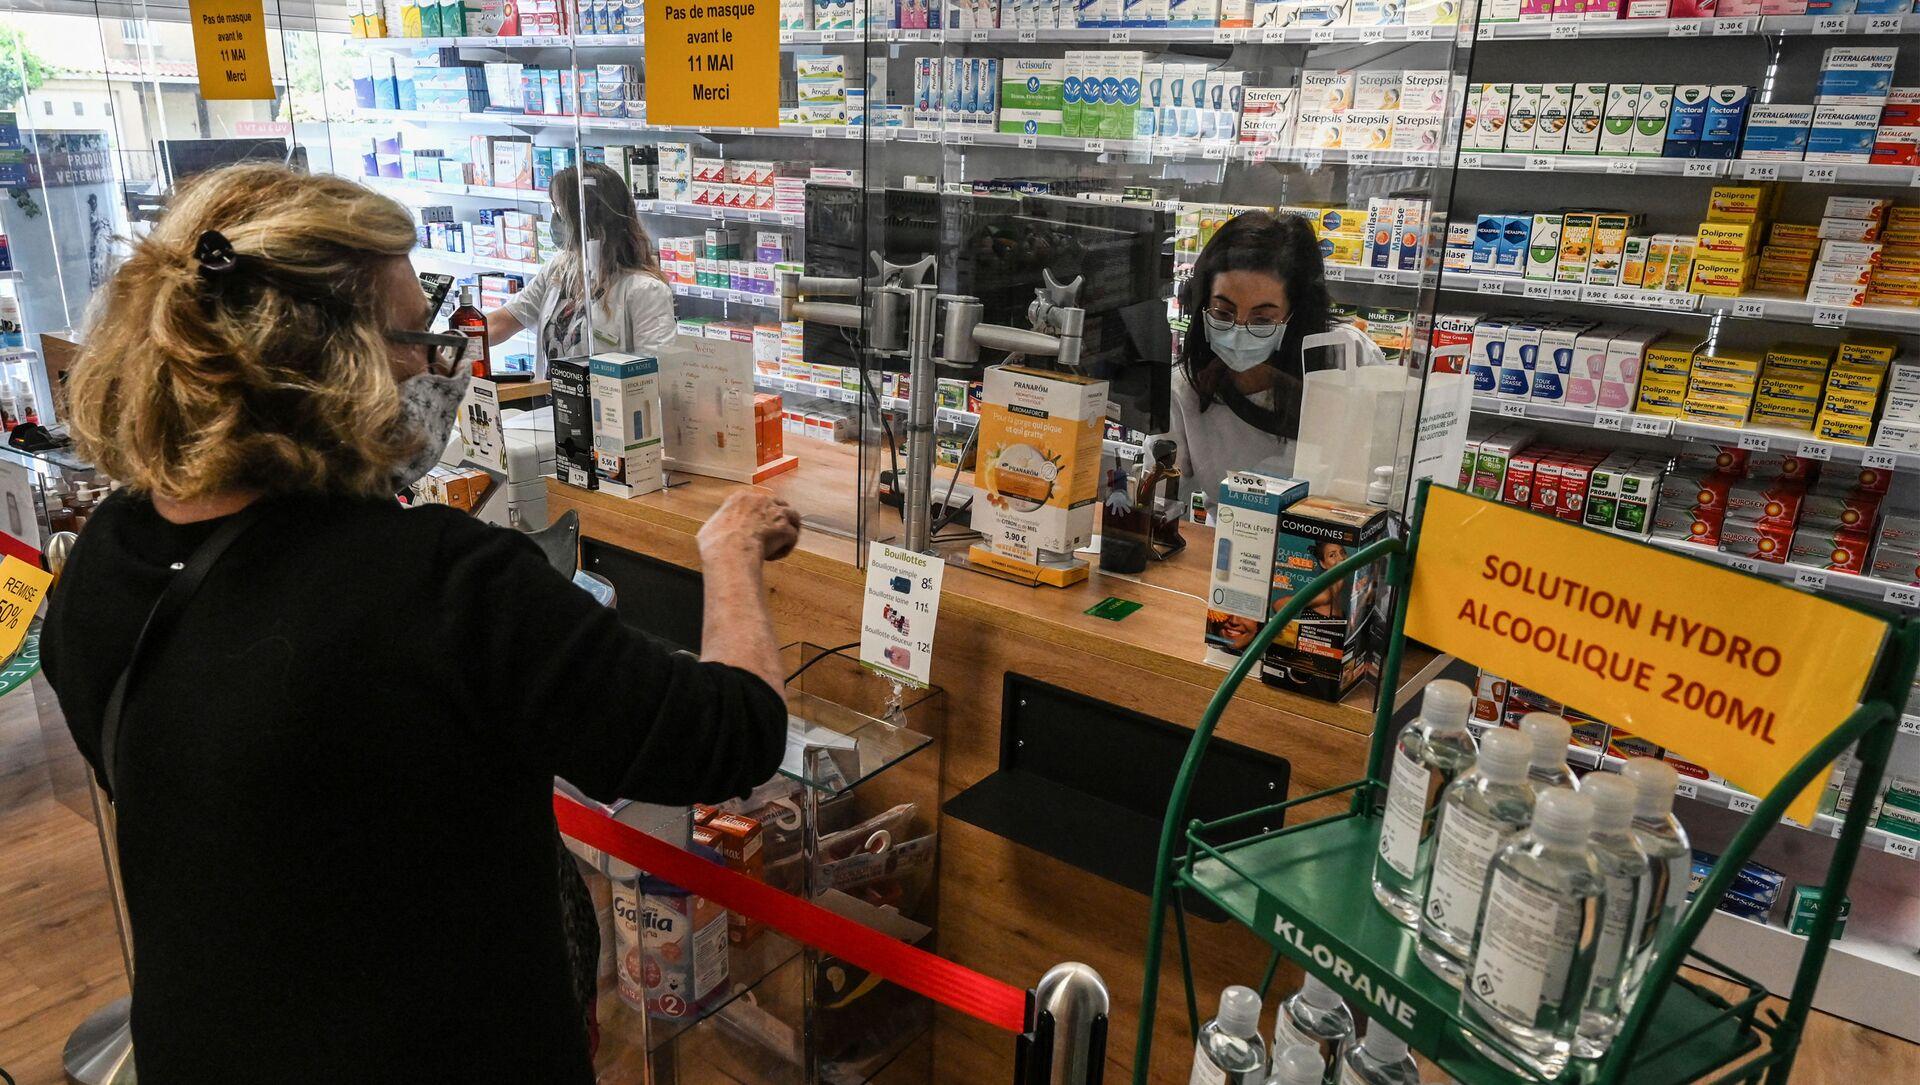 Женщина покупает лекарства в аптеке в Пероле, южная Франция - Sputnik Азербайджан, 1920, 17.09.2021